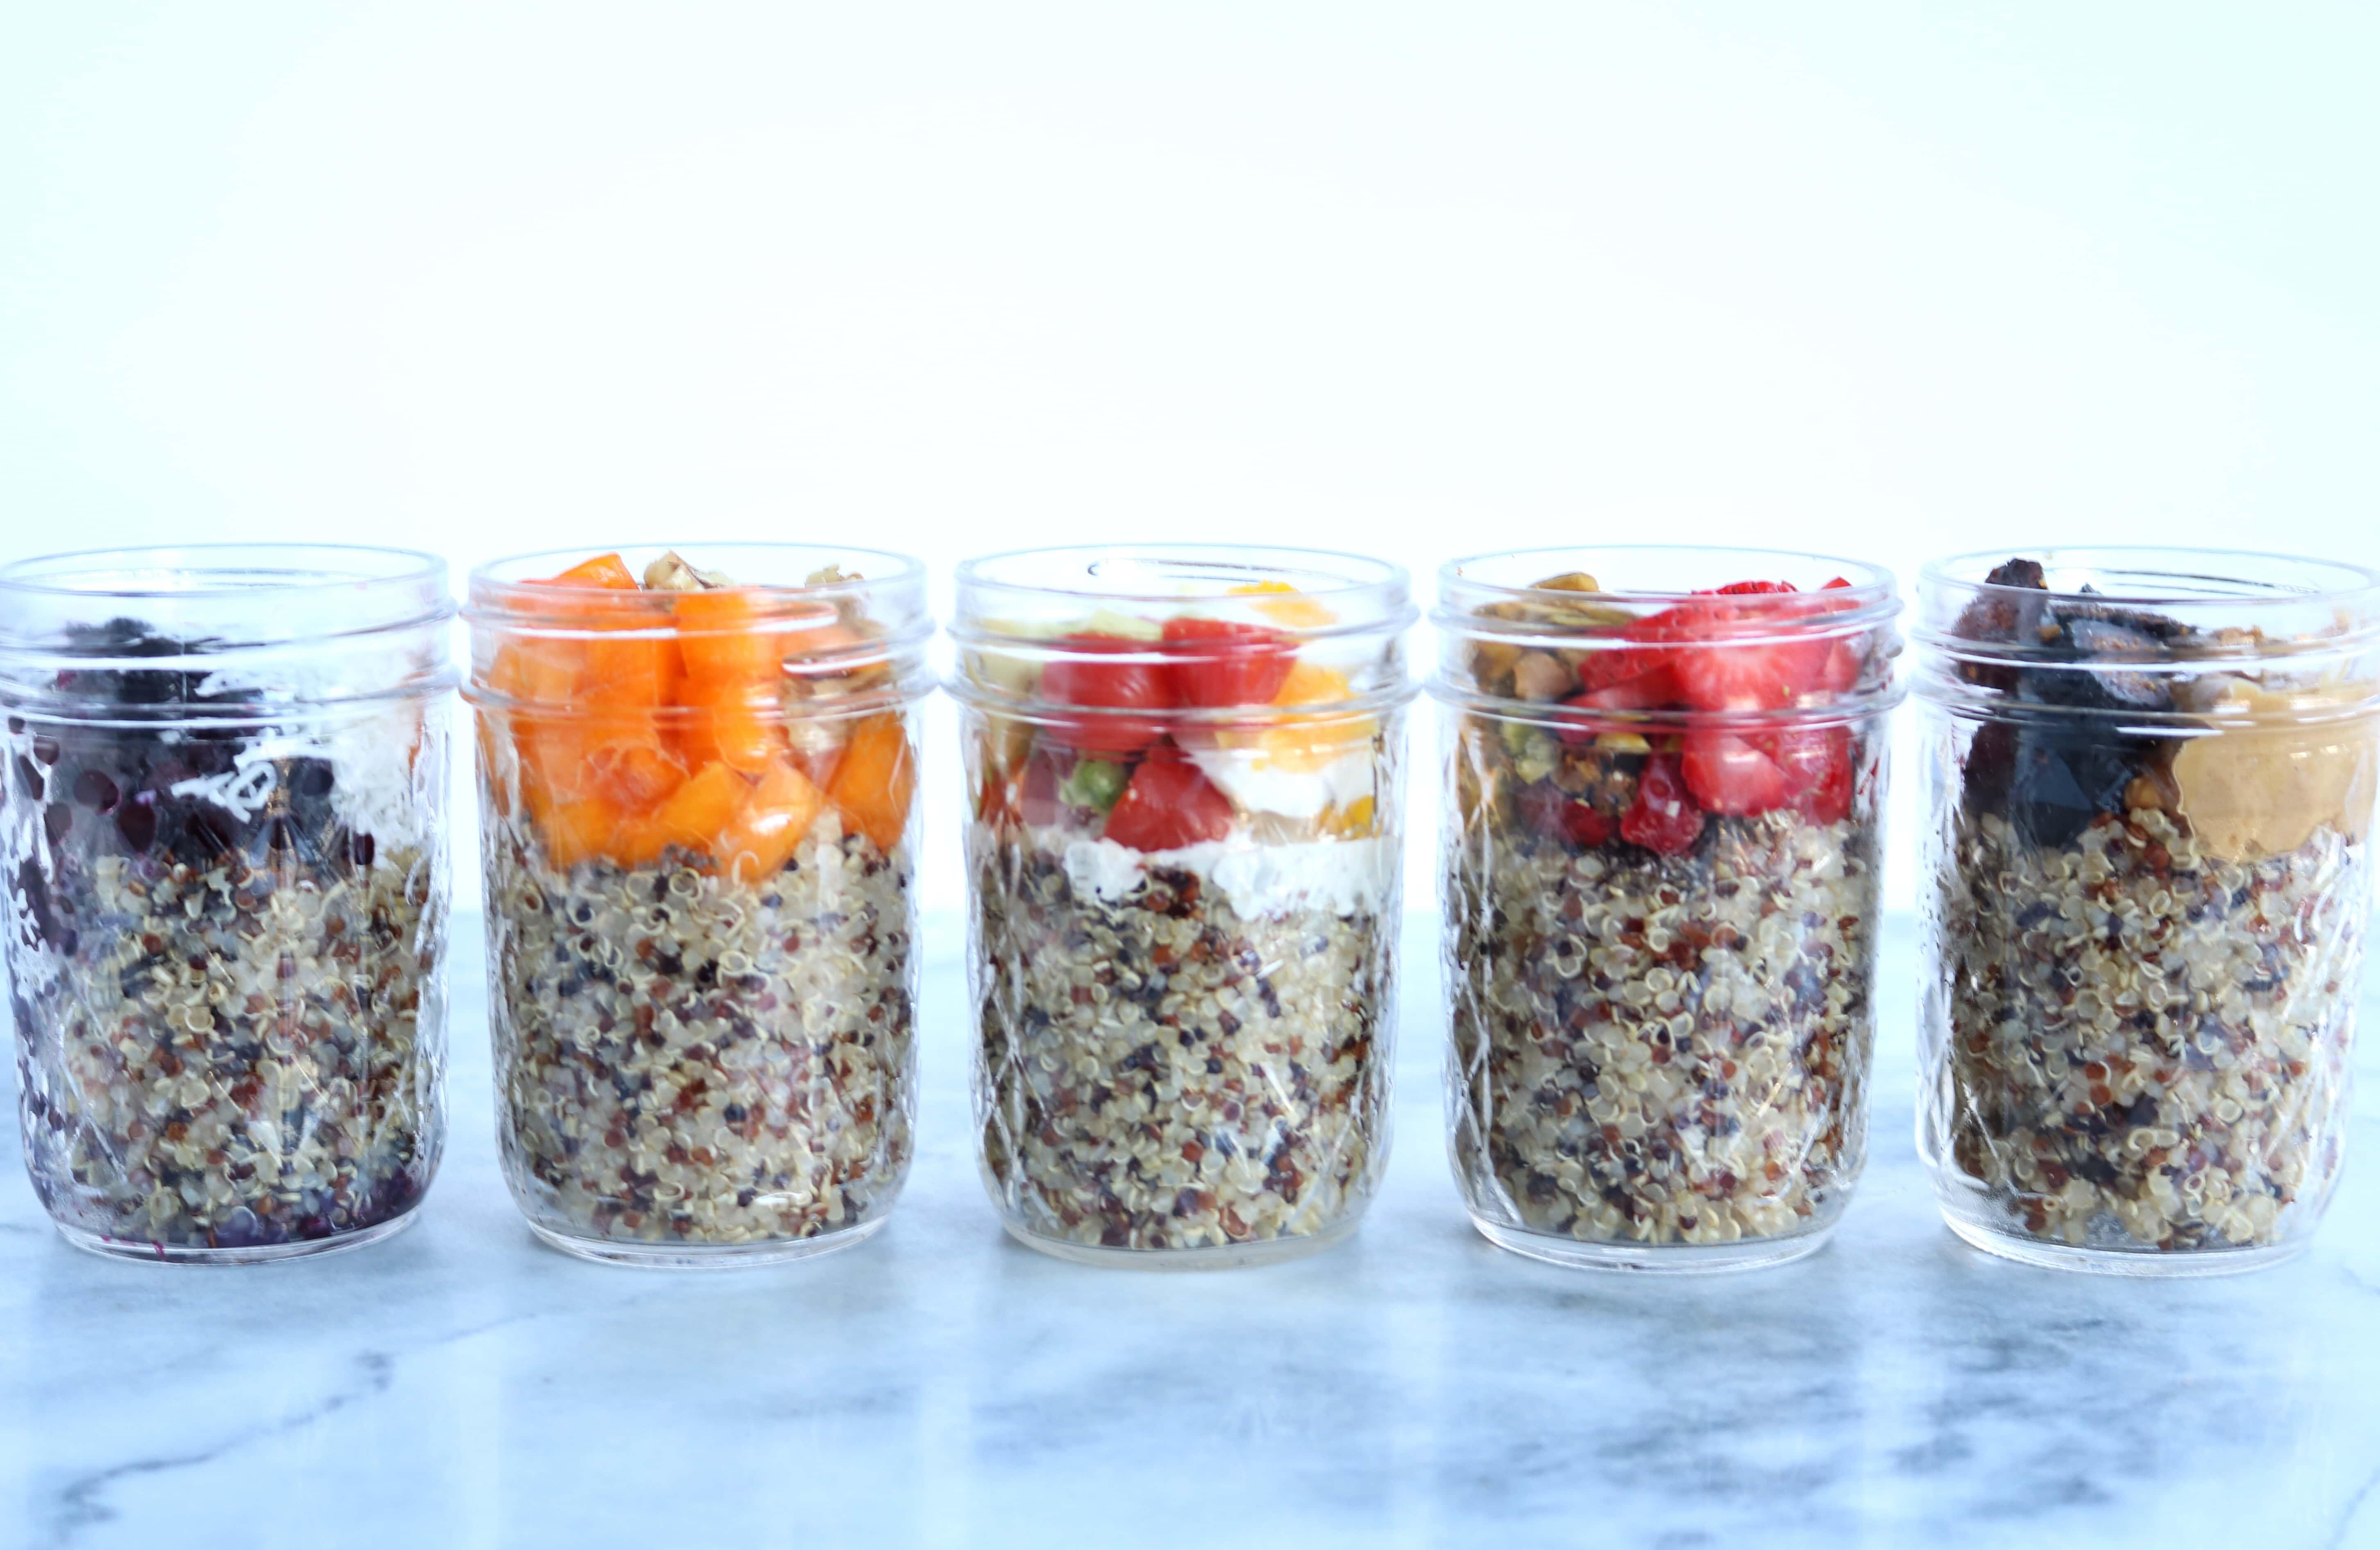 breakfast quinoa recipe in five mason jars